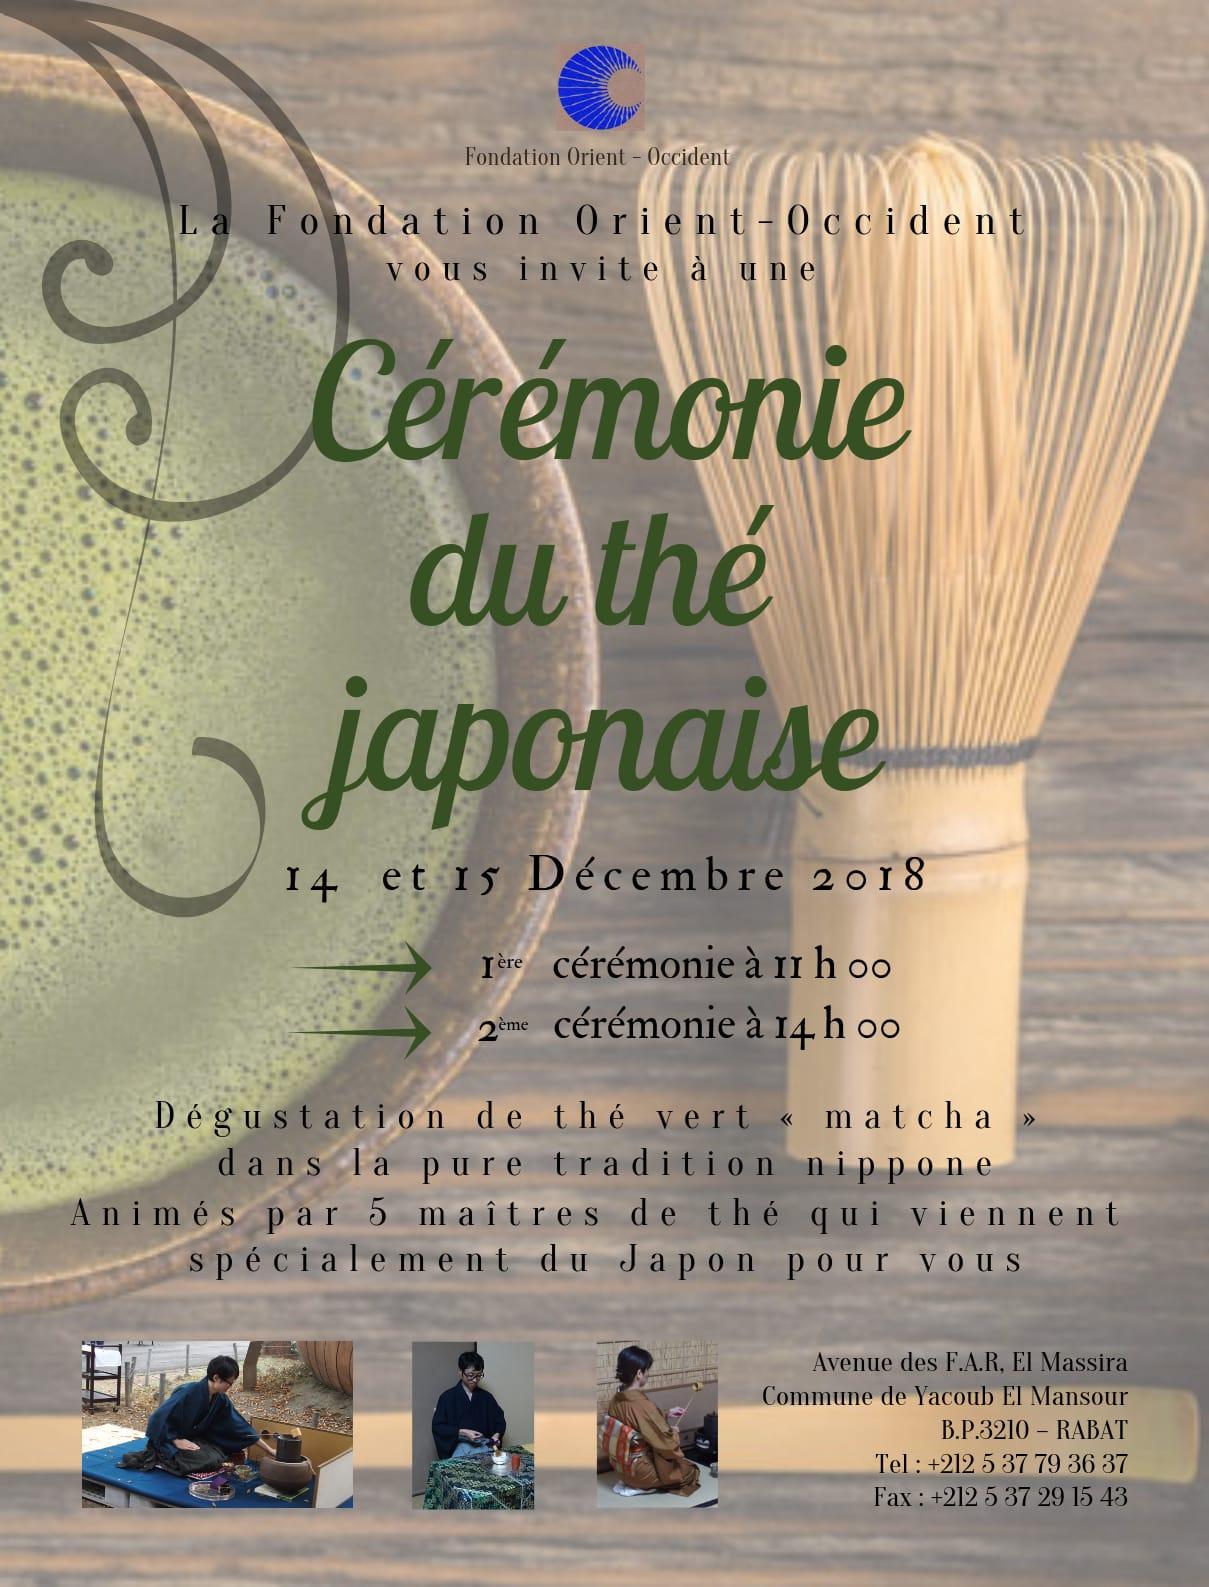 Cérémonie du thé Japonaise les 14 et 15 Décembre à la Fondation Orient-Occident de Rabat